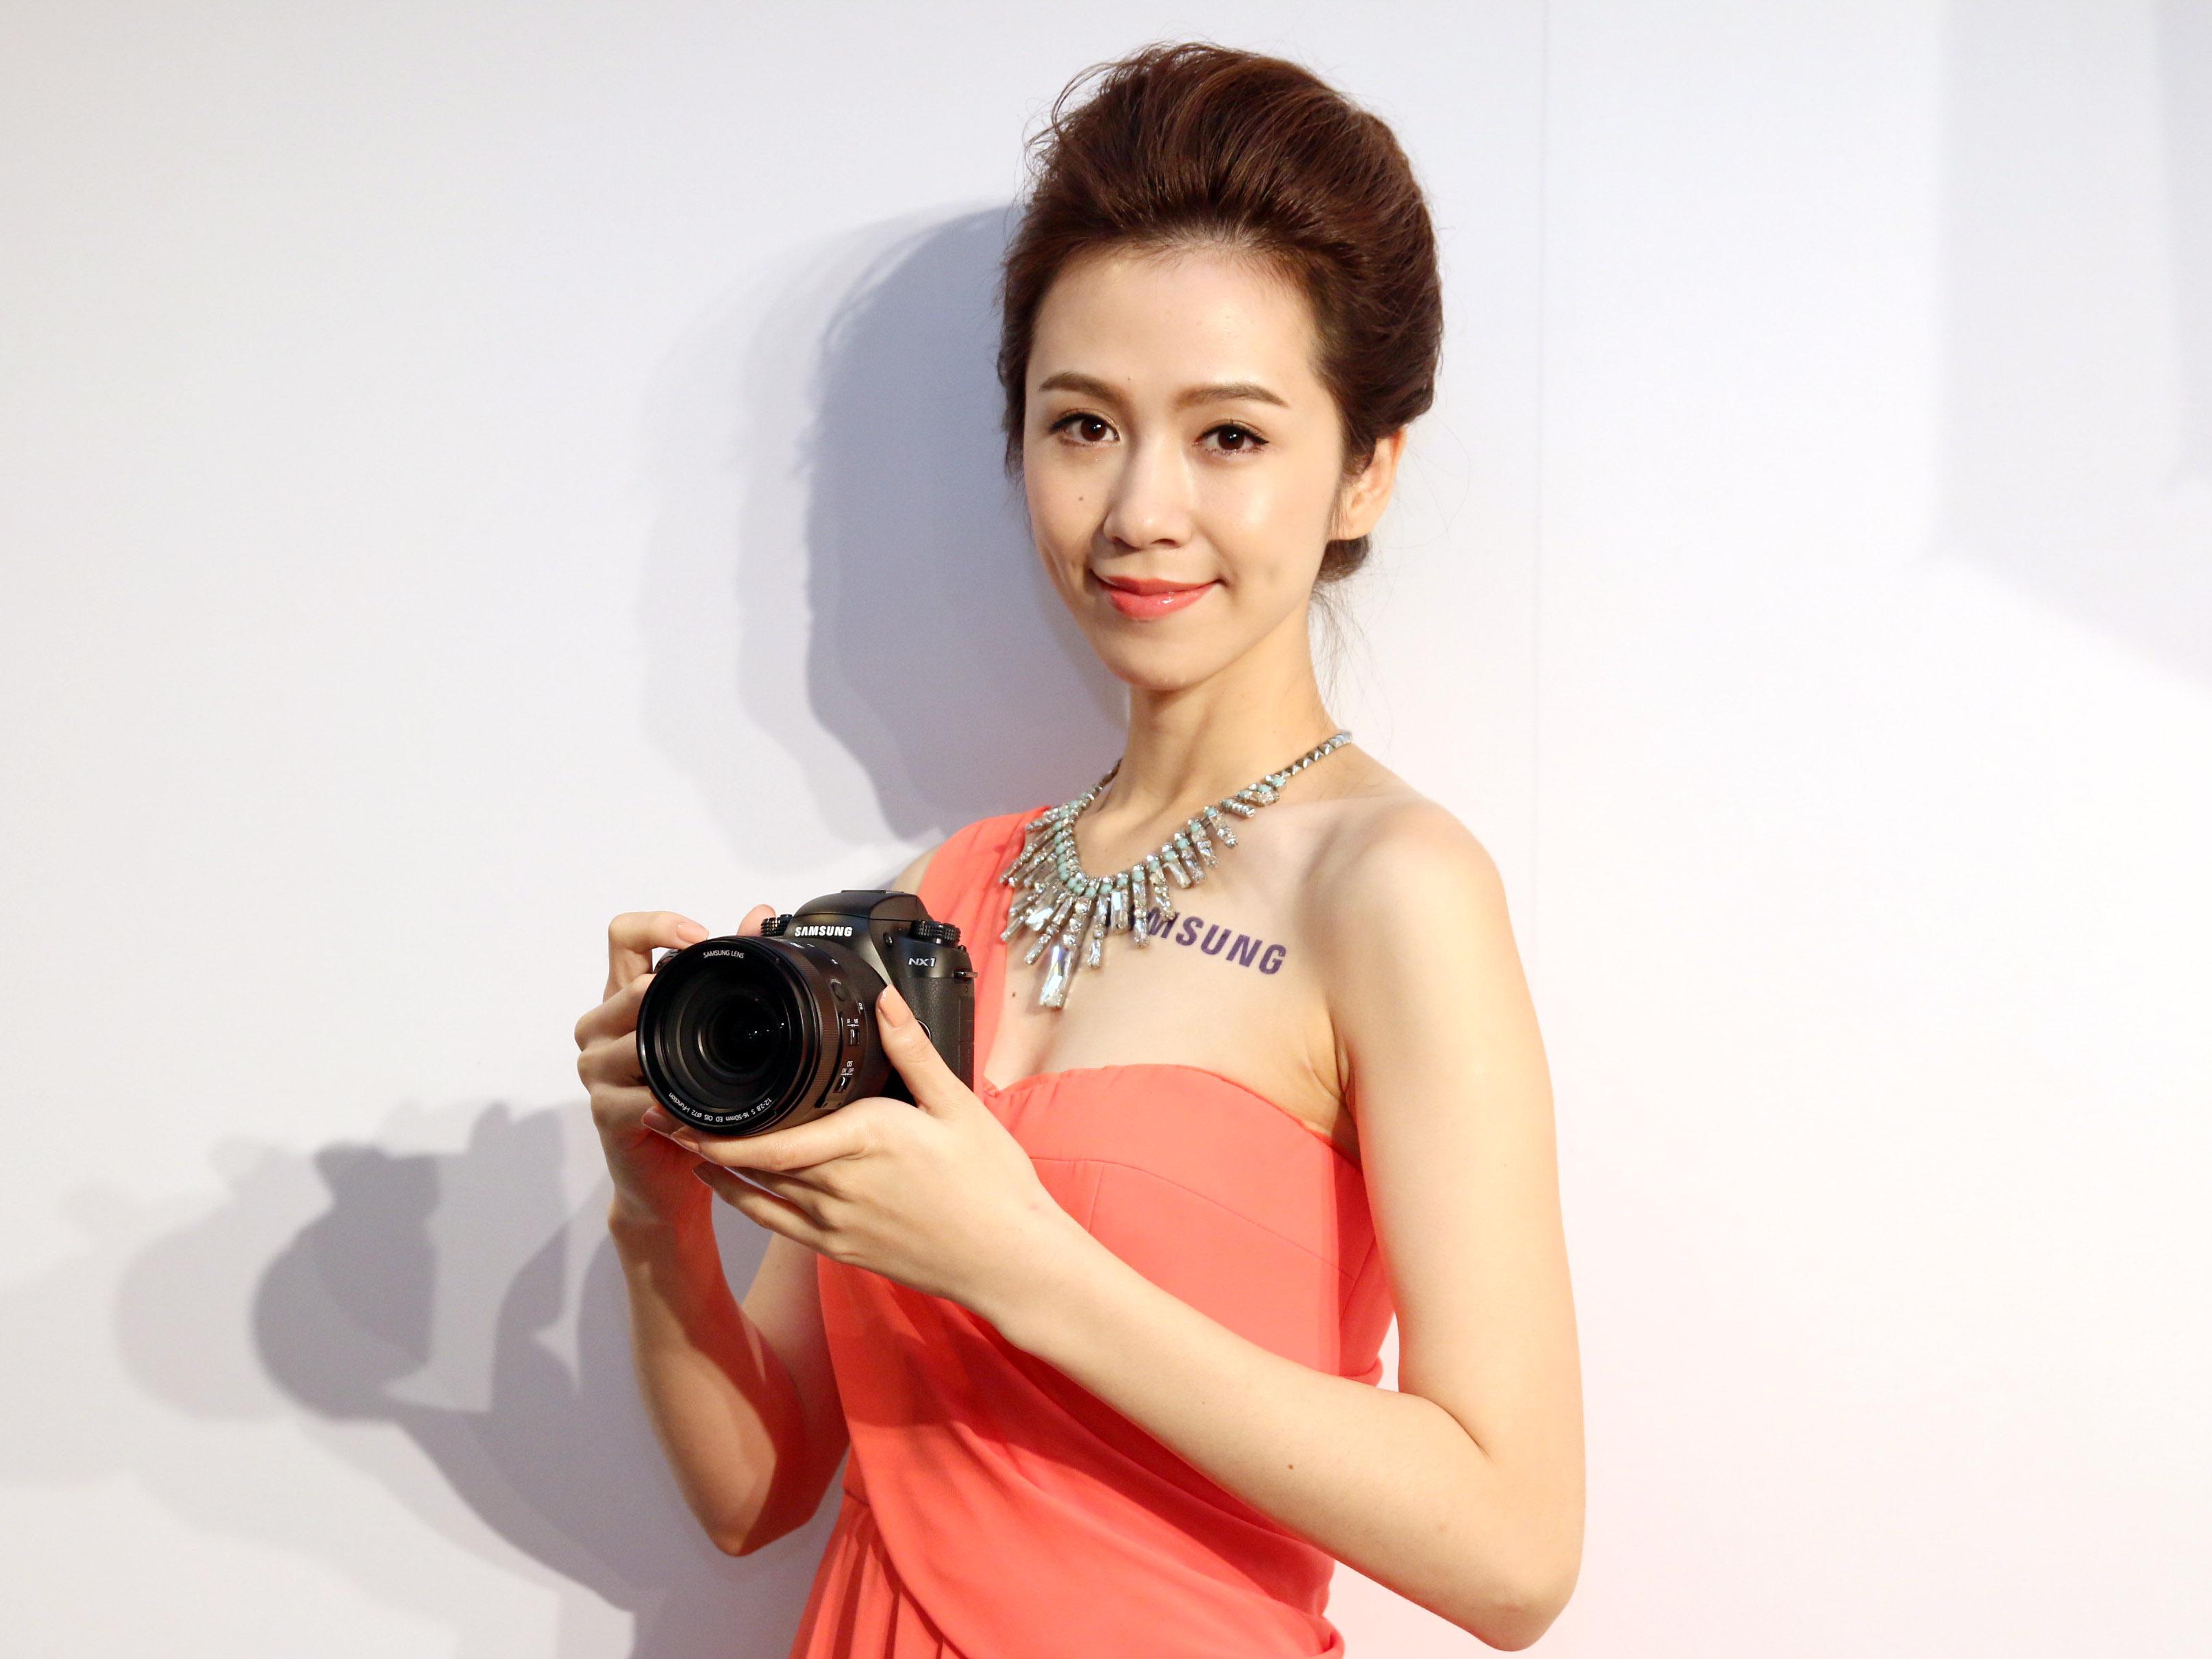 Samsung 旗艦無反光鏡單眼 NX1 正式發表,極速15fps 連拍、4K 錄影、205 點對焦